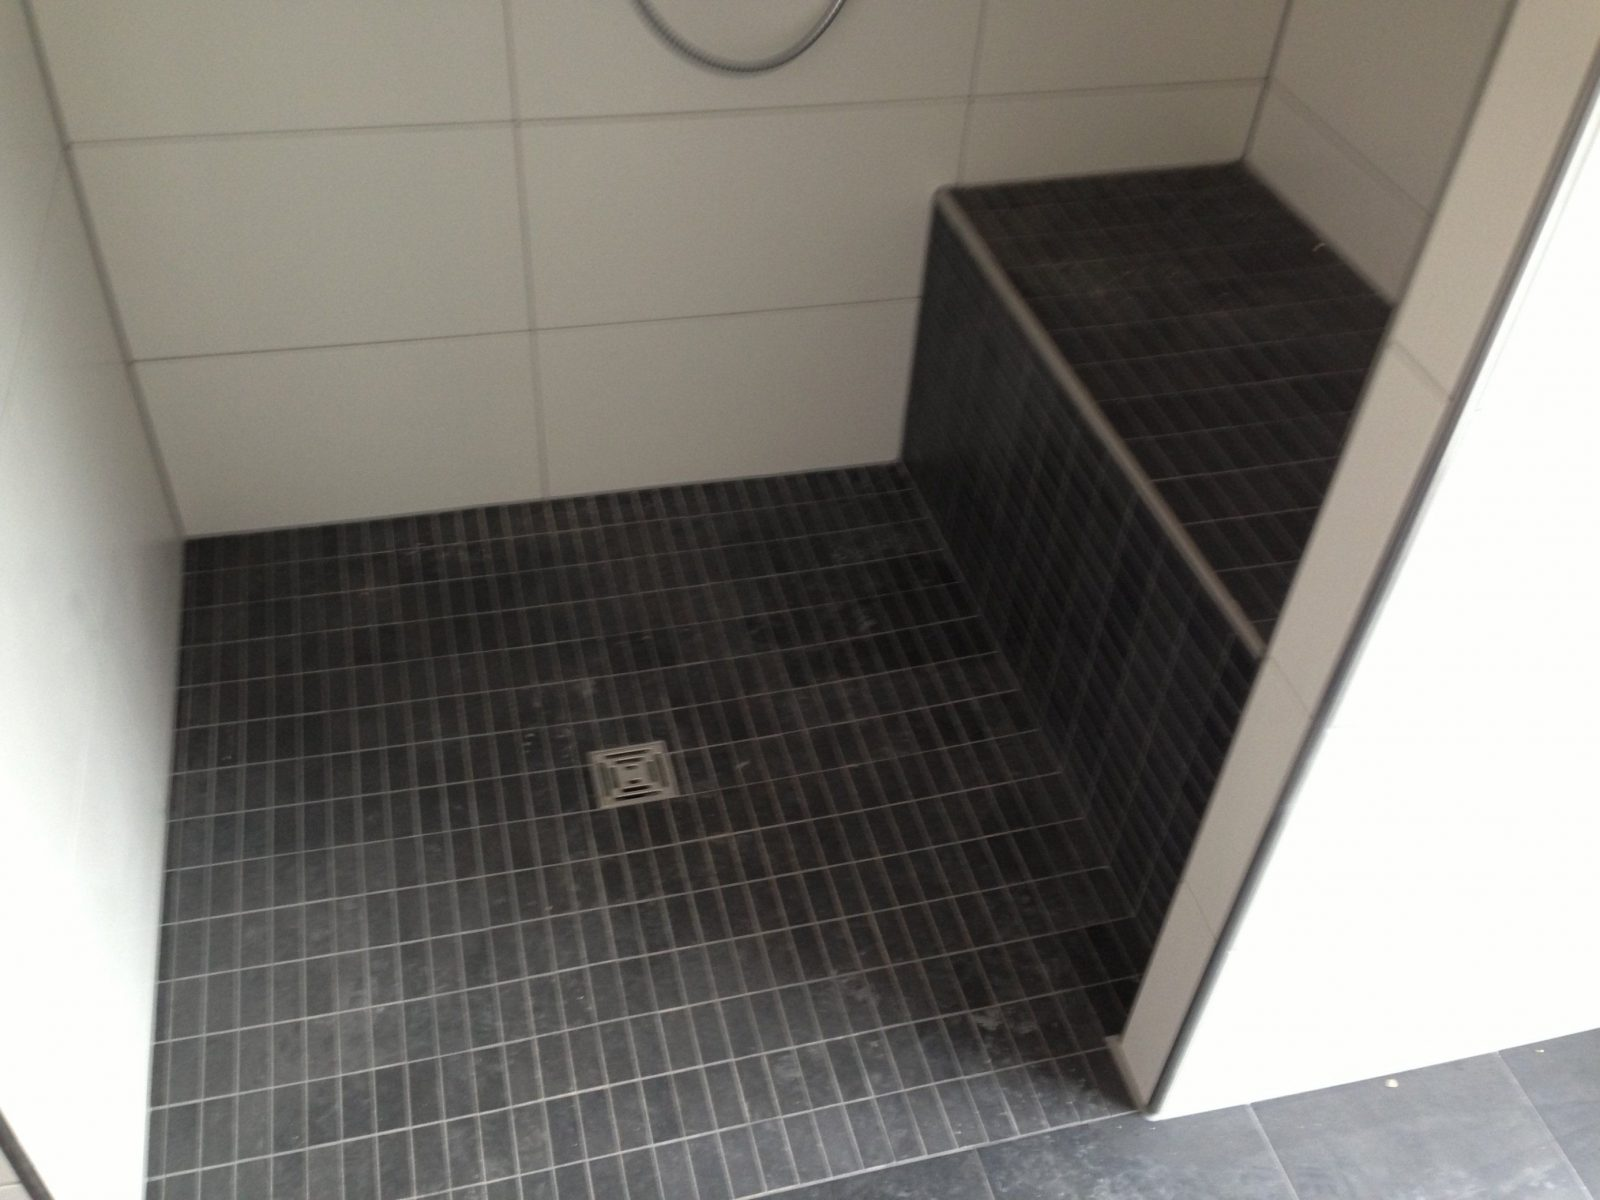 Fliesen Bodengleiche Dusche Bodengleiche Dusche Fliesen von Bodengleiche Dusche Fliesen Rutschfest Photo